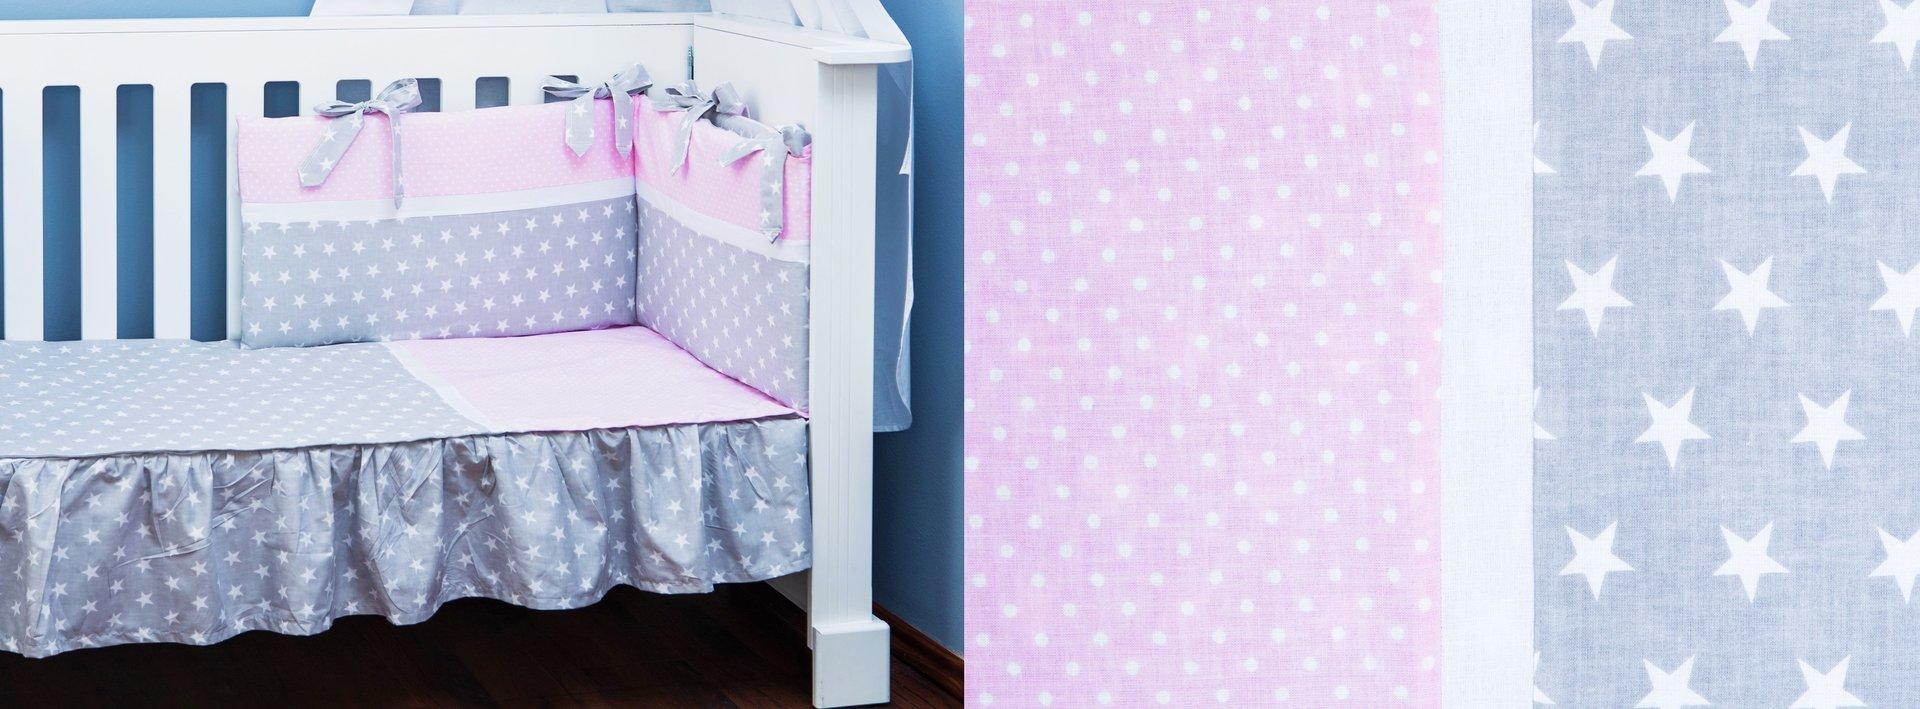 Habitacion bebe gris y rosa top decoracin para el cuarto for Decoracion habitacion bebe turquesa y gris